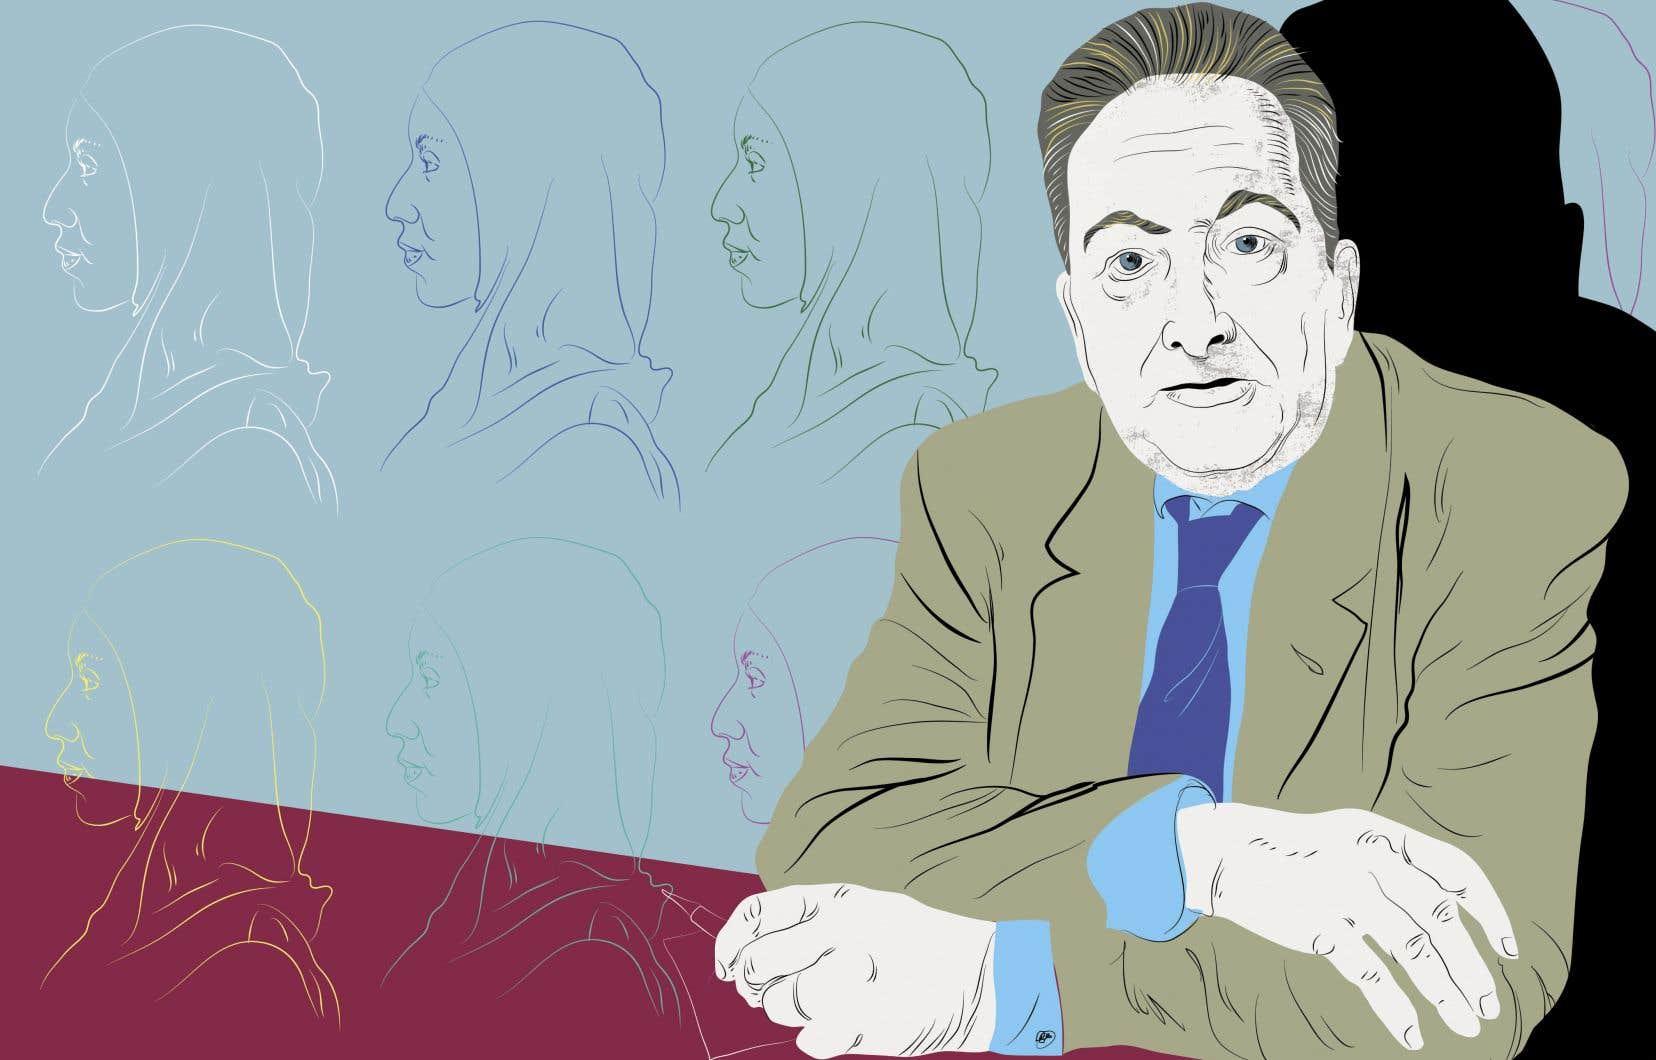 Le sociologue Raymond Boudon note qu'on trouve bien souvent, au départ du processus qui mène à l'attribution d'une fausse conscience, un témoin embarrassé par une action qui lui semble étrange. Il ne parvient pas à cerner les raisons de l'observé ou à se mettre à sa place.